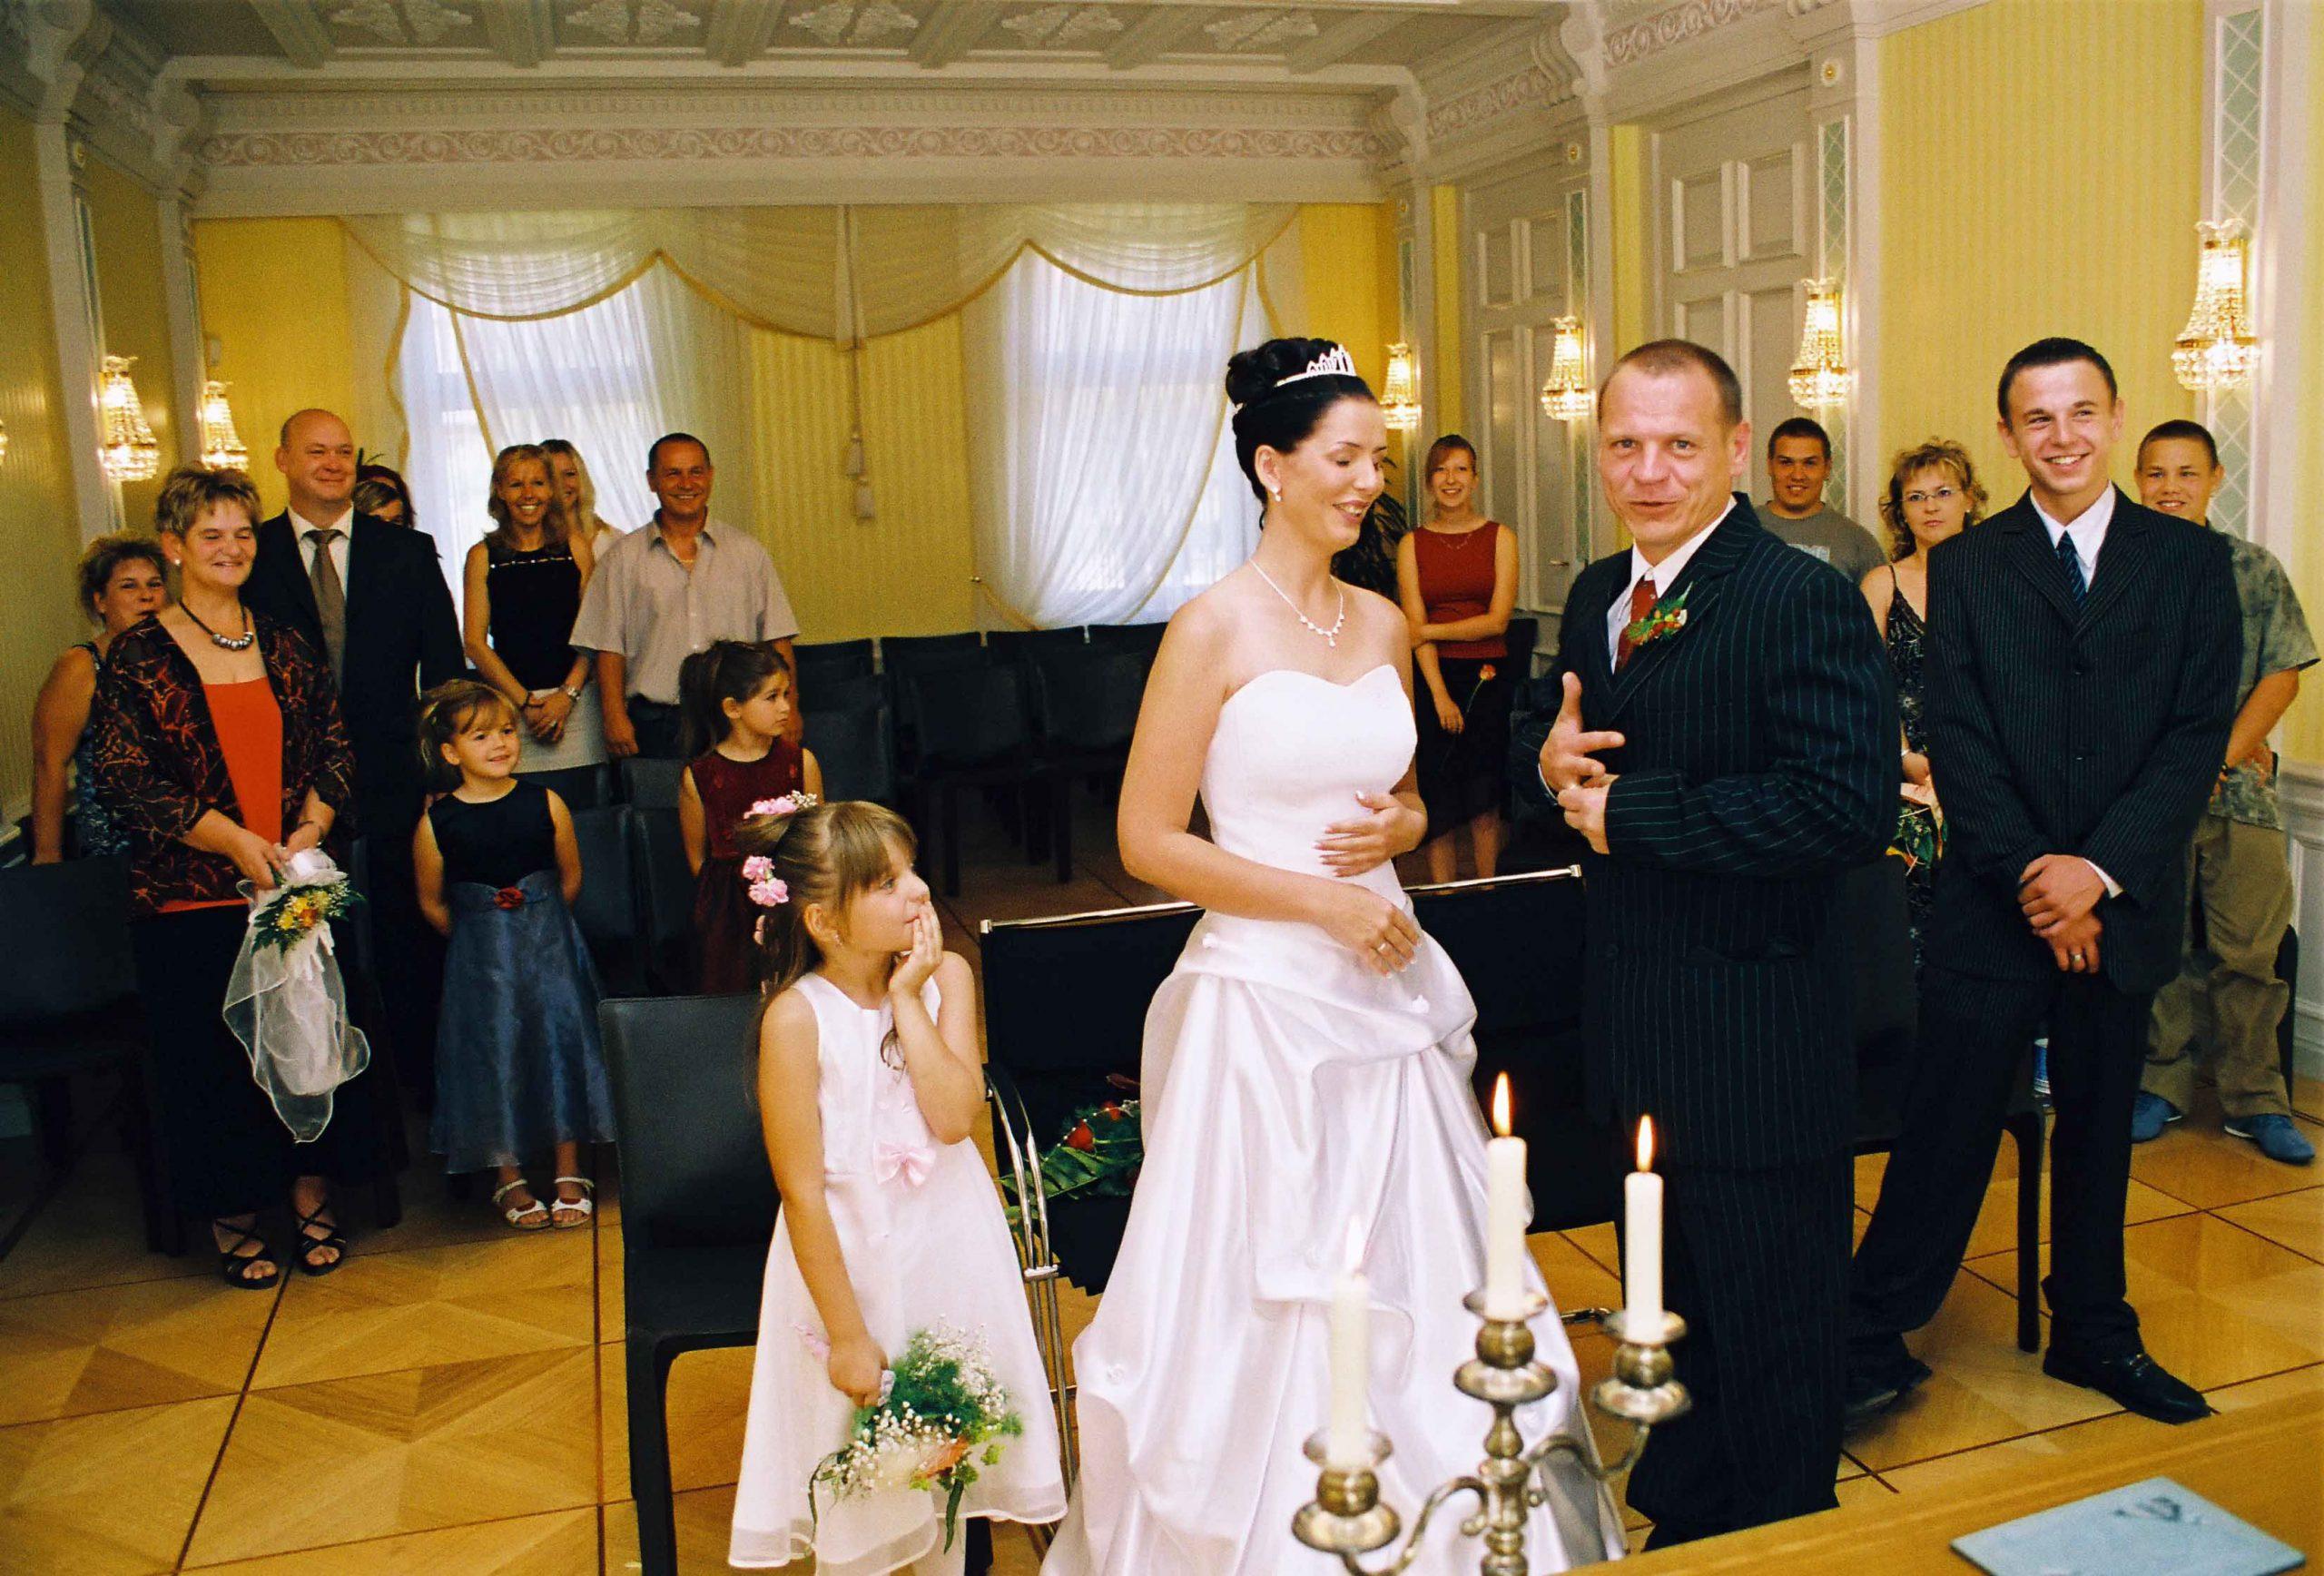 Hochzeit – Wikipedia